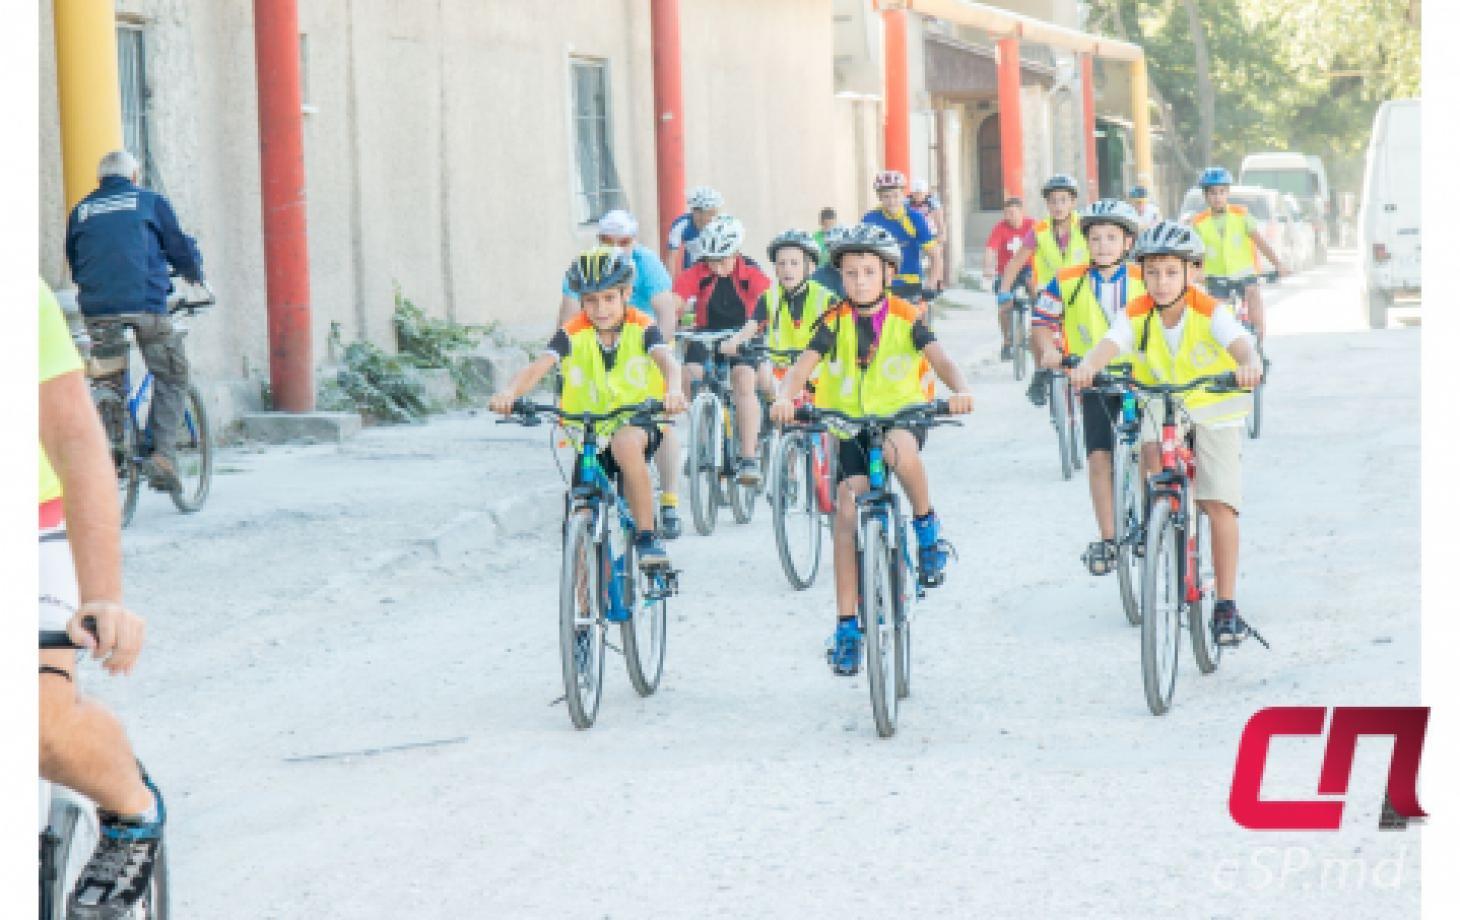 велосипеды, велозаезд